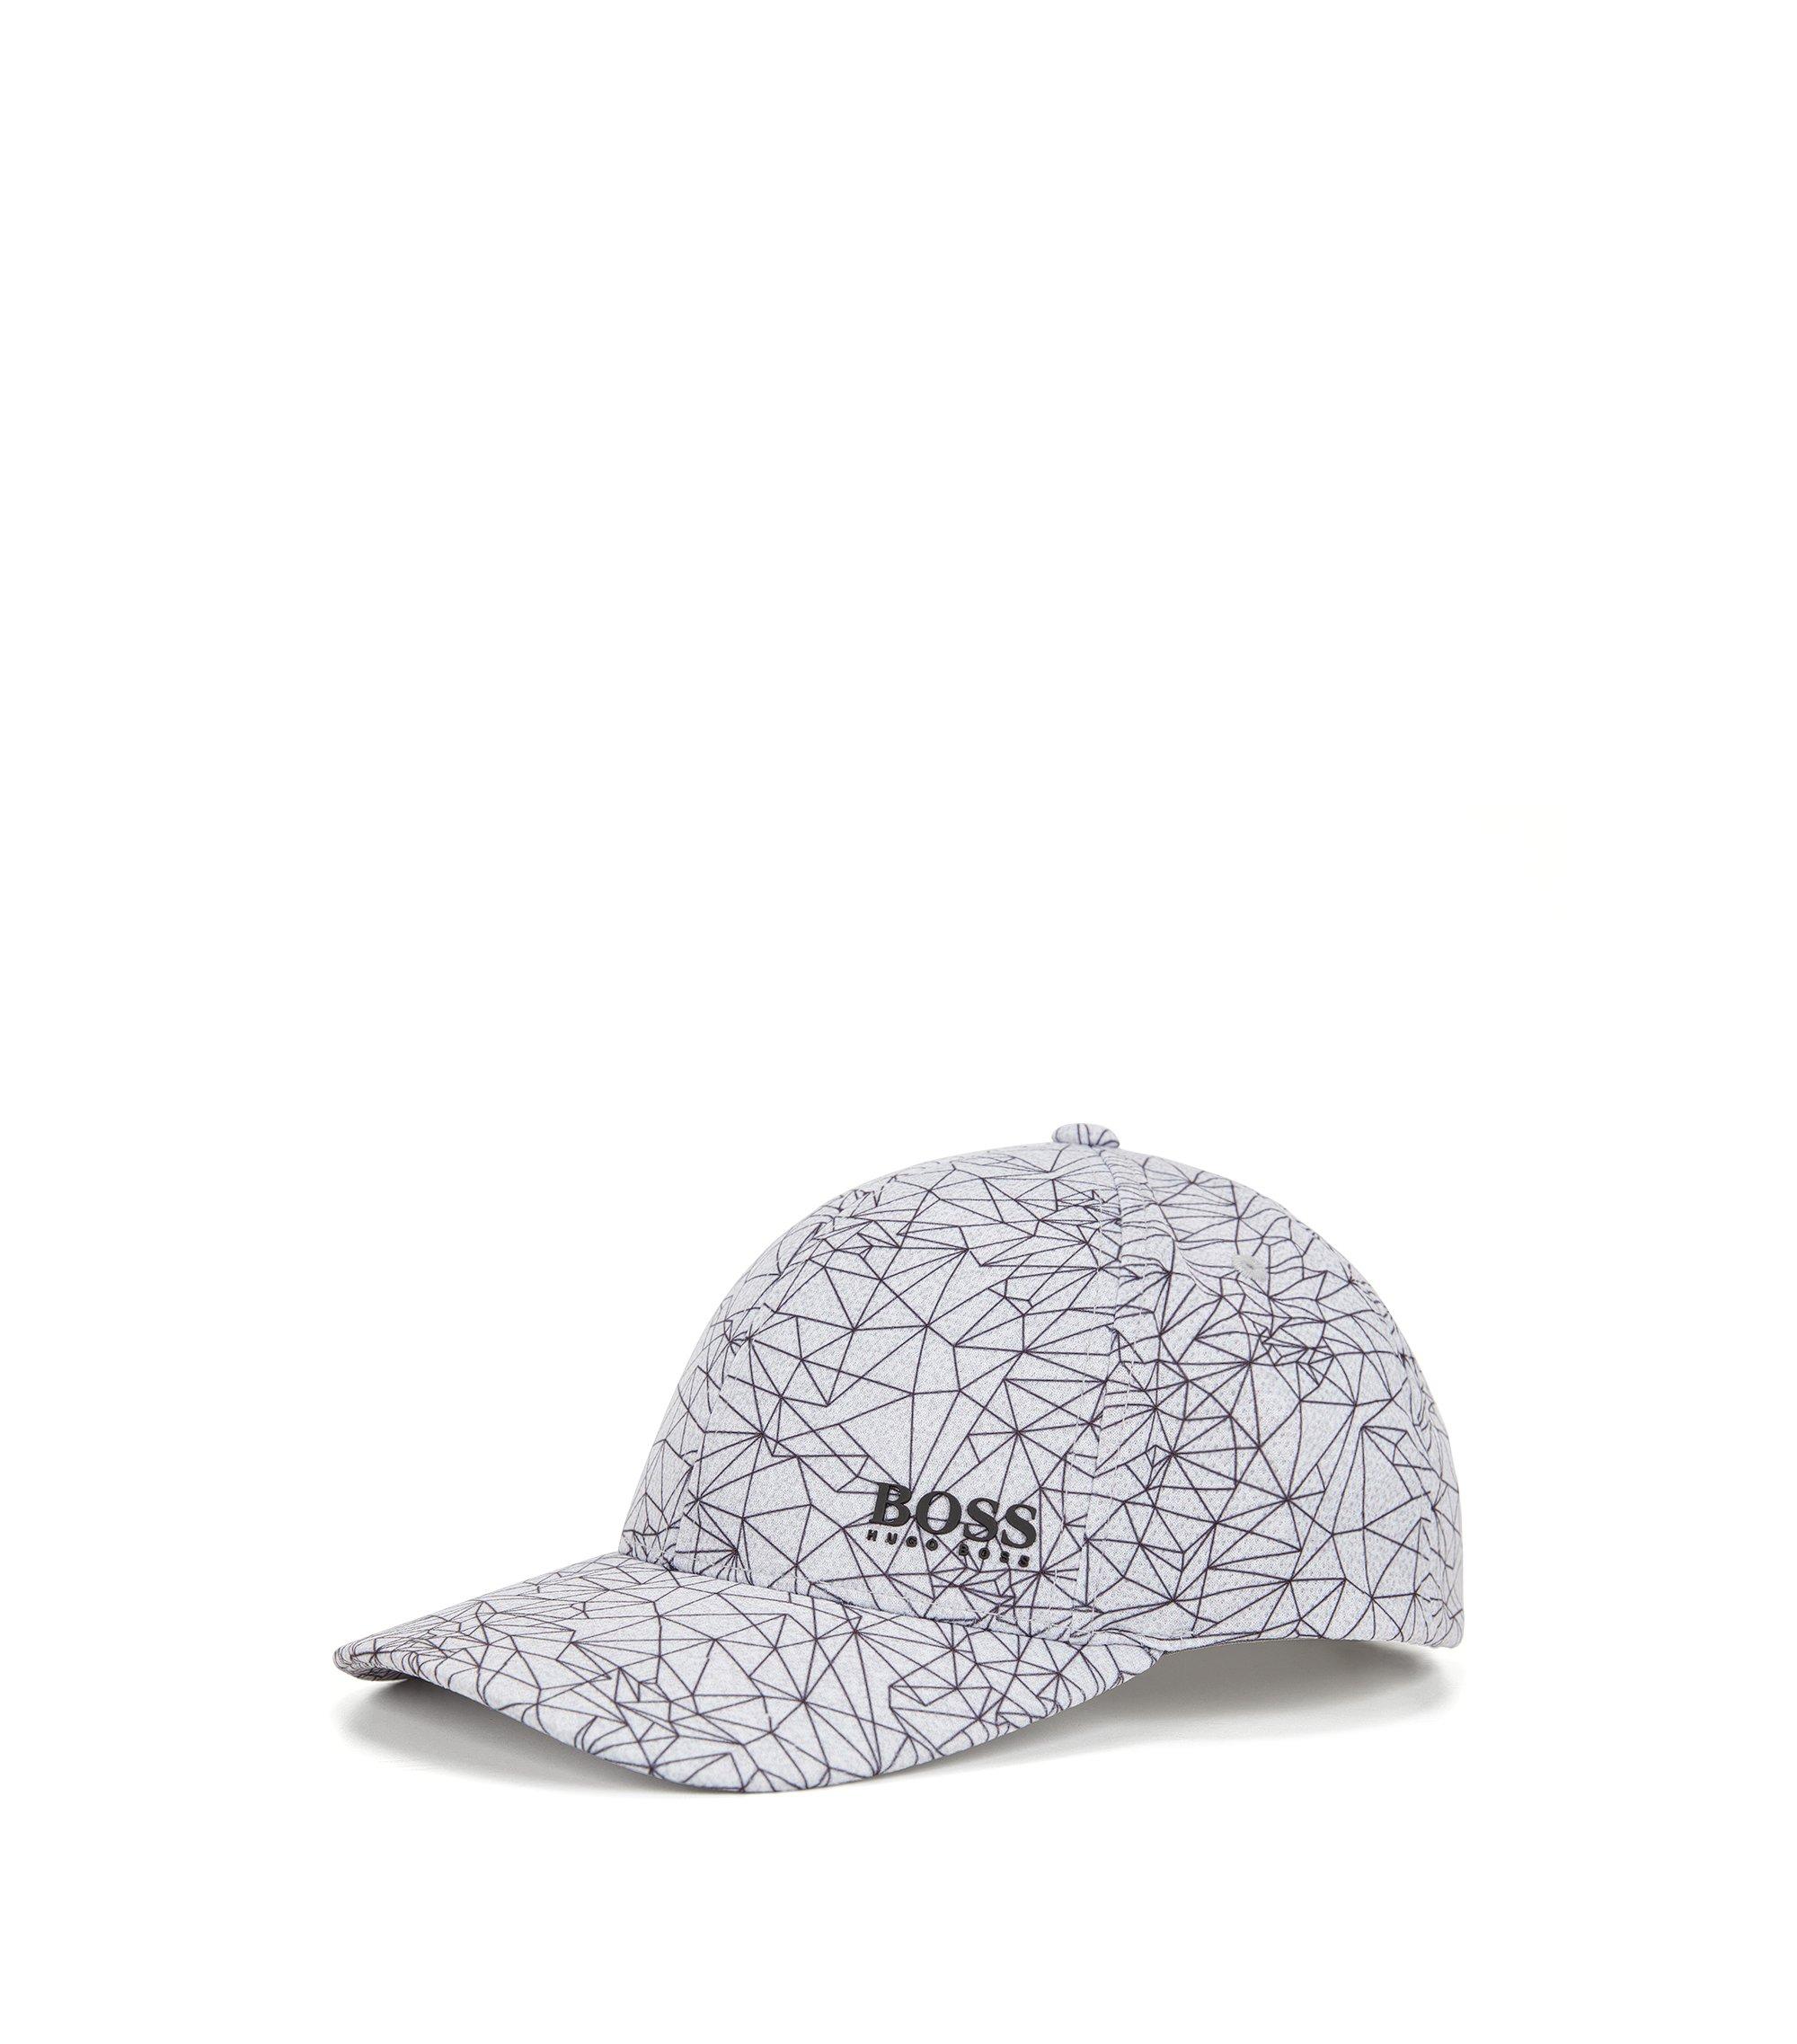 Cappellino da baseball con stampa in tessuto tecnico, Grigio chiaro